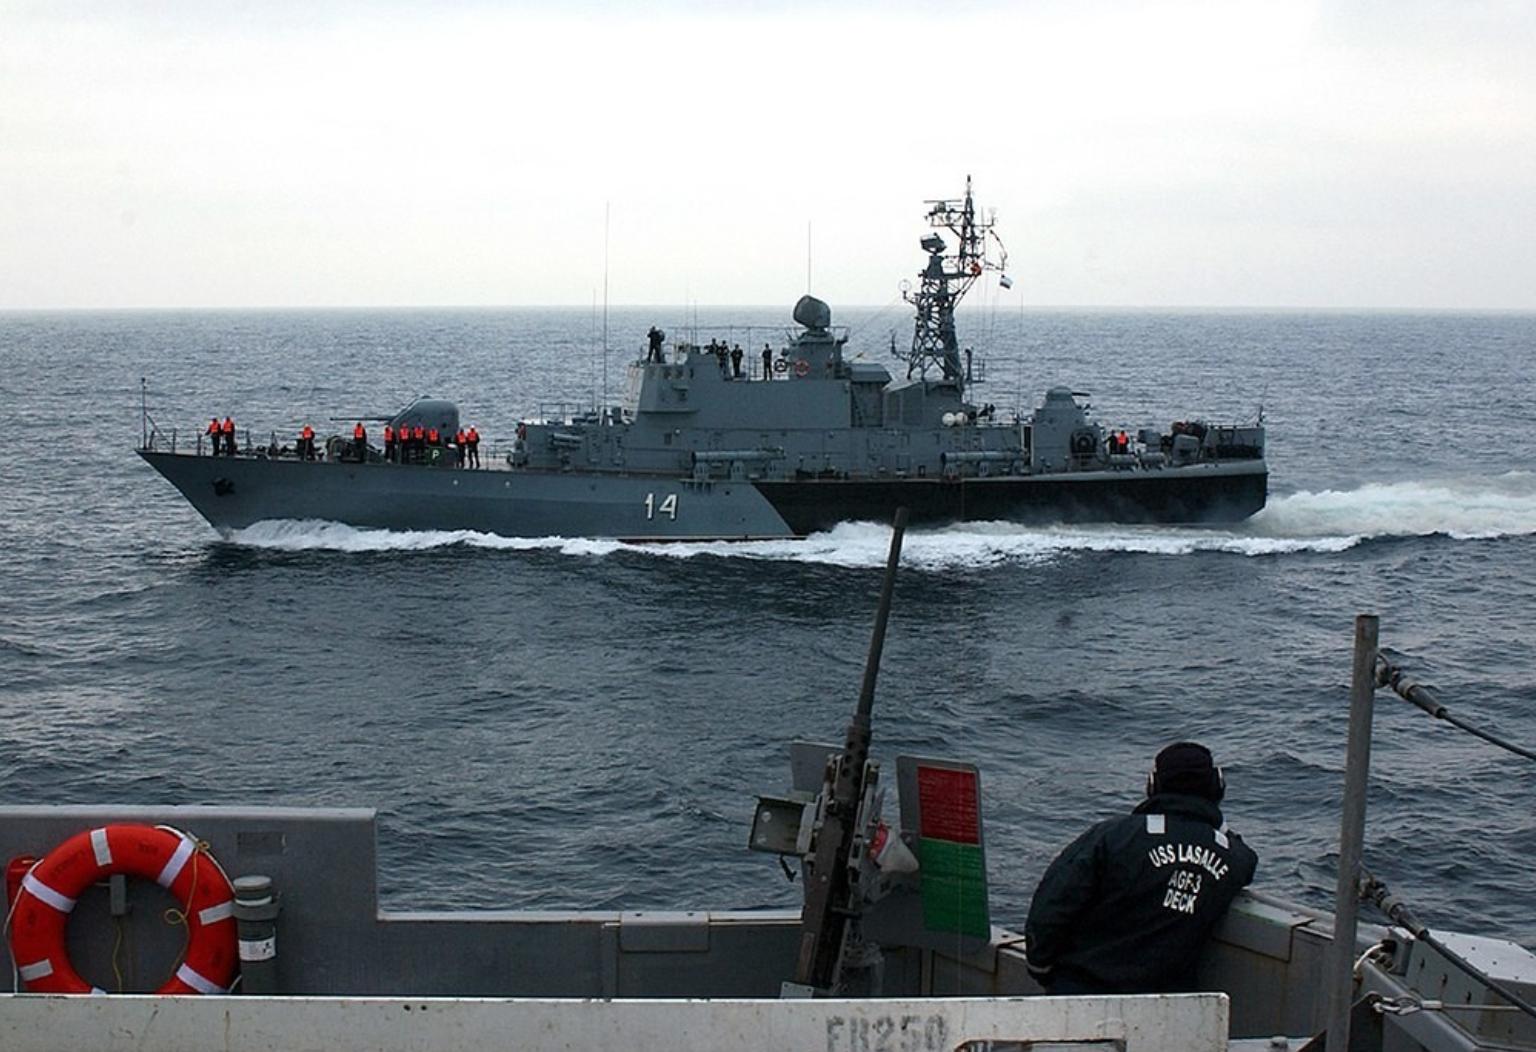 Брод Бодри пројекта 1241.2, који припада бугарској морнарици.